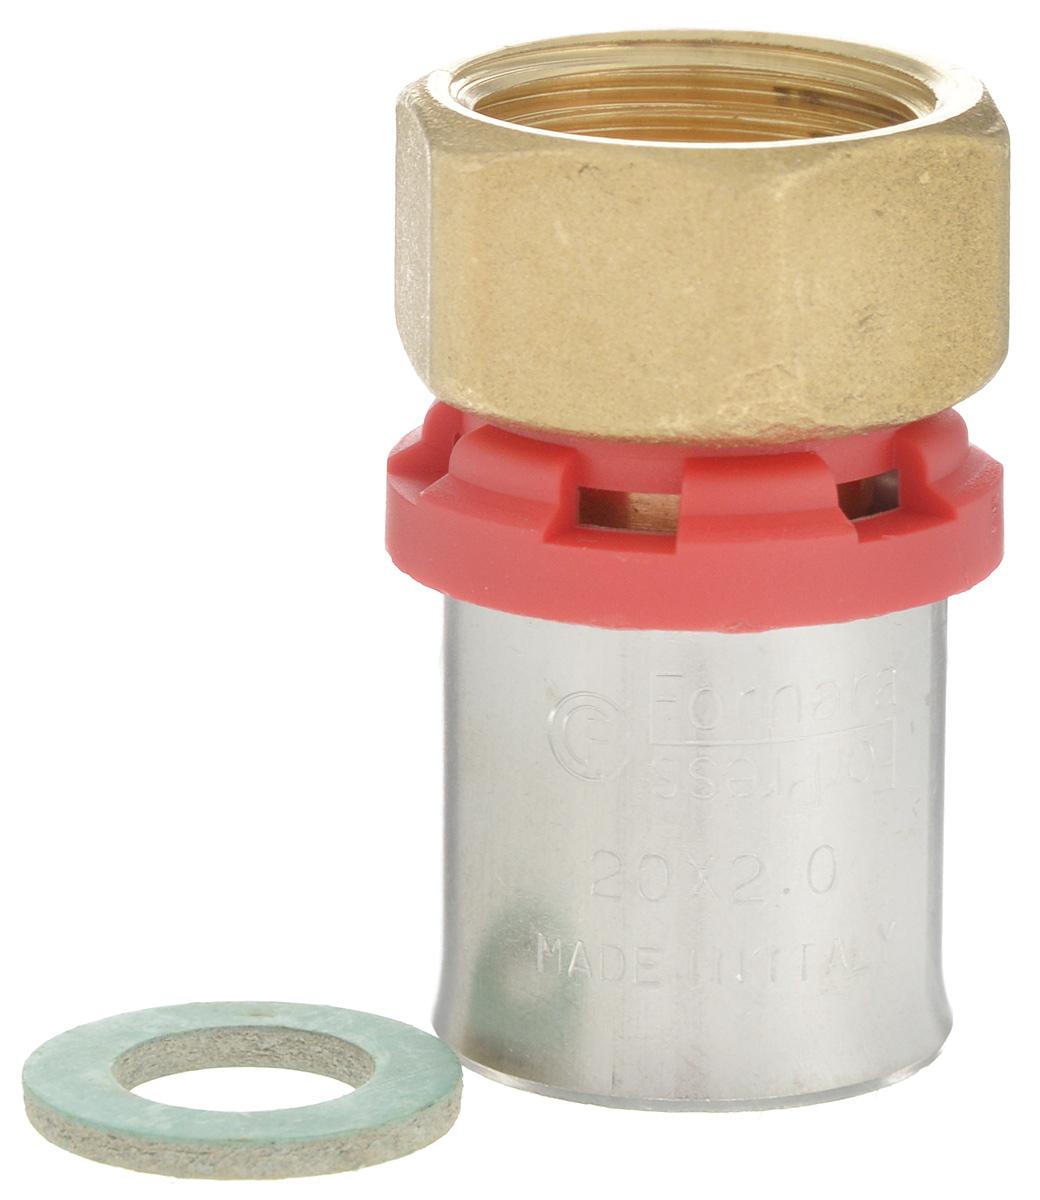 Соединитель Fornara под пресс, п - нг, 20 x 1/230635Соединитель под пресс Fornara представляет собой элемент трубопровода, обеспечивающий соединение труб из разных материалов с компонентами системы. Изделие имеет переход на наружную резьбу, прочный, долговечный корпус из никелированной горячепрессованной латуни. Благодаря специальным насечкам уплотнительный материал соединителя хорошо удерживается при монтаже трубопроводной системы.